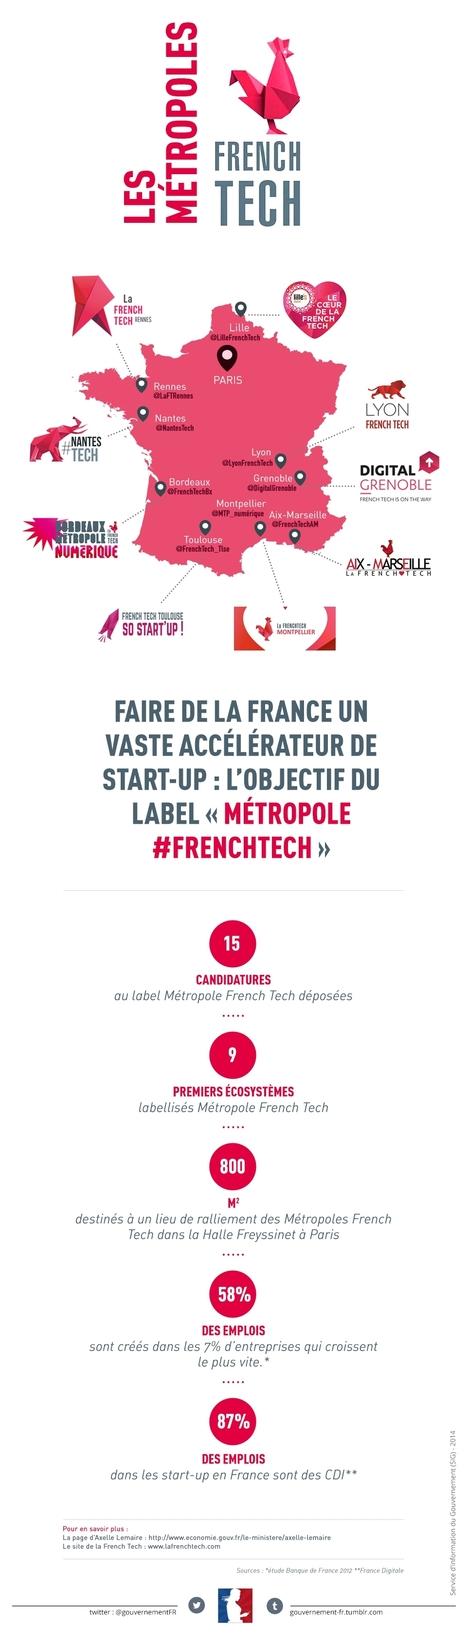 Nantes parmi les 9 premières métropoles #FrenchTech | Pays de la Loire, Western France | Scoop.it